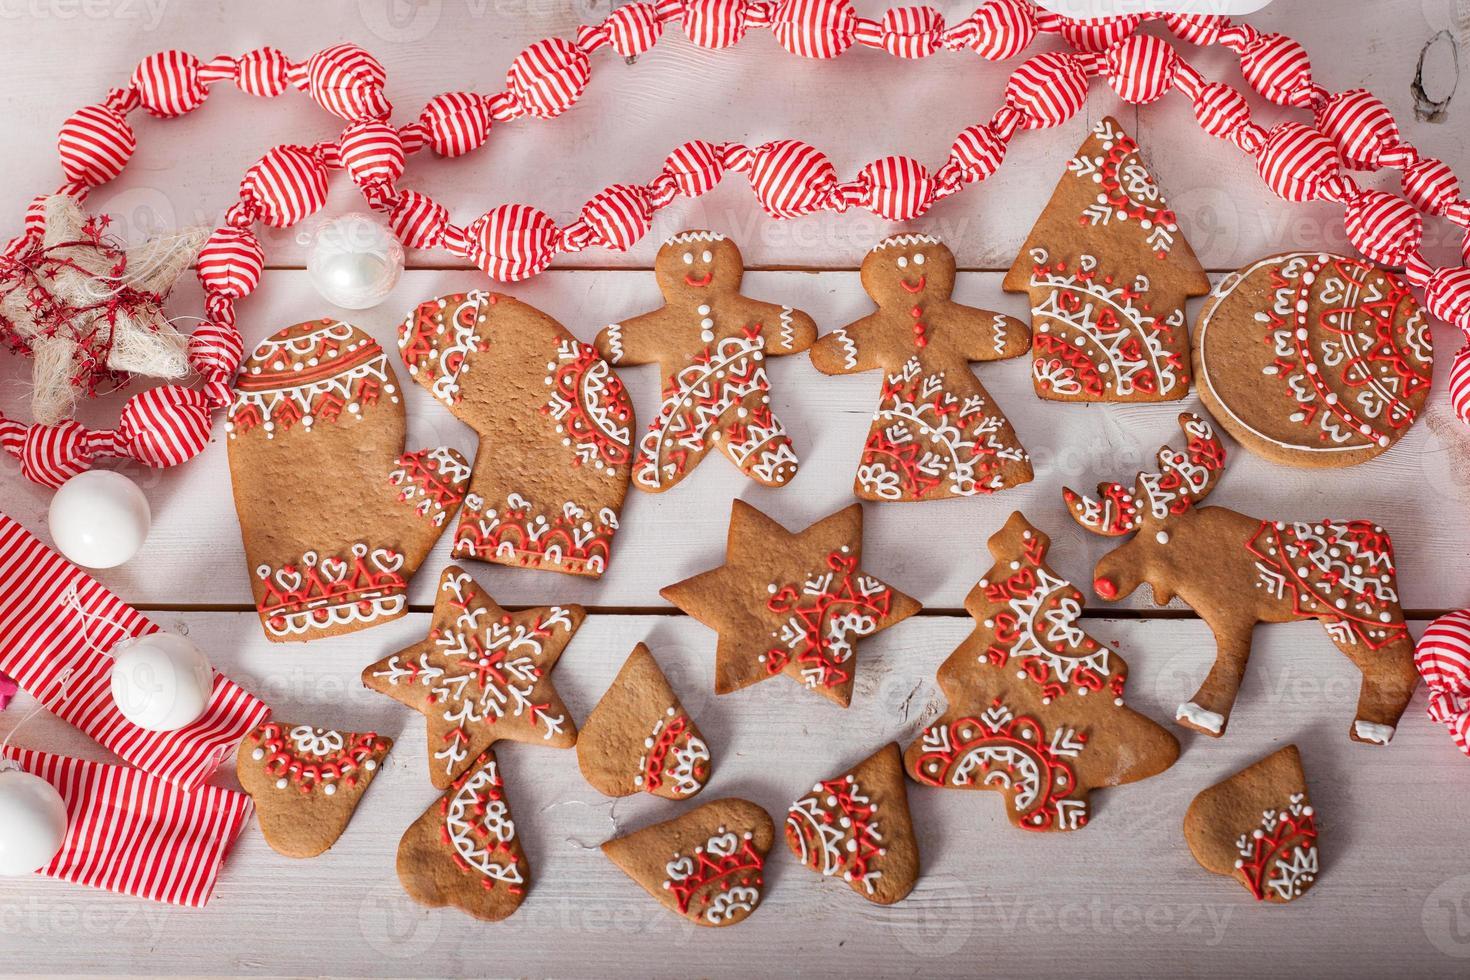 galletas navideñas y juguetes retro hechos a mano foto